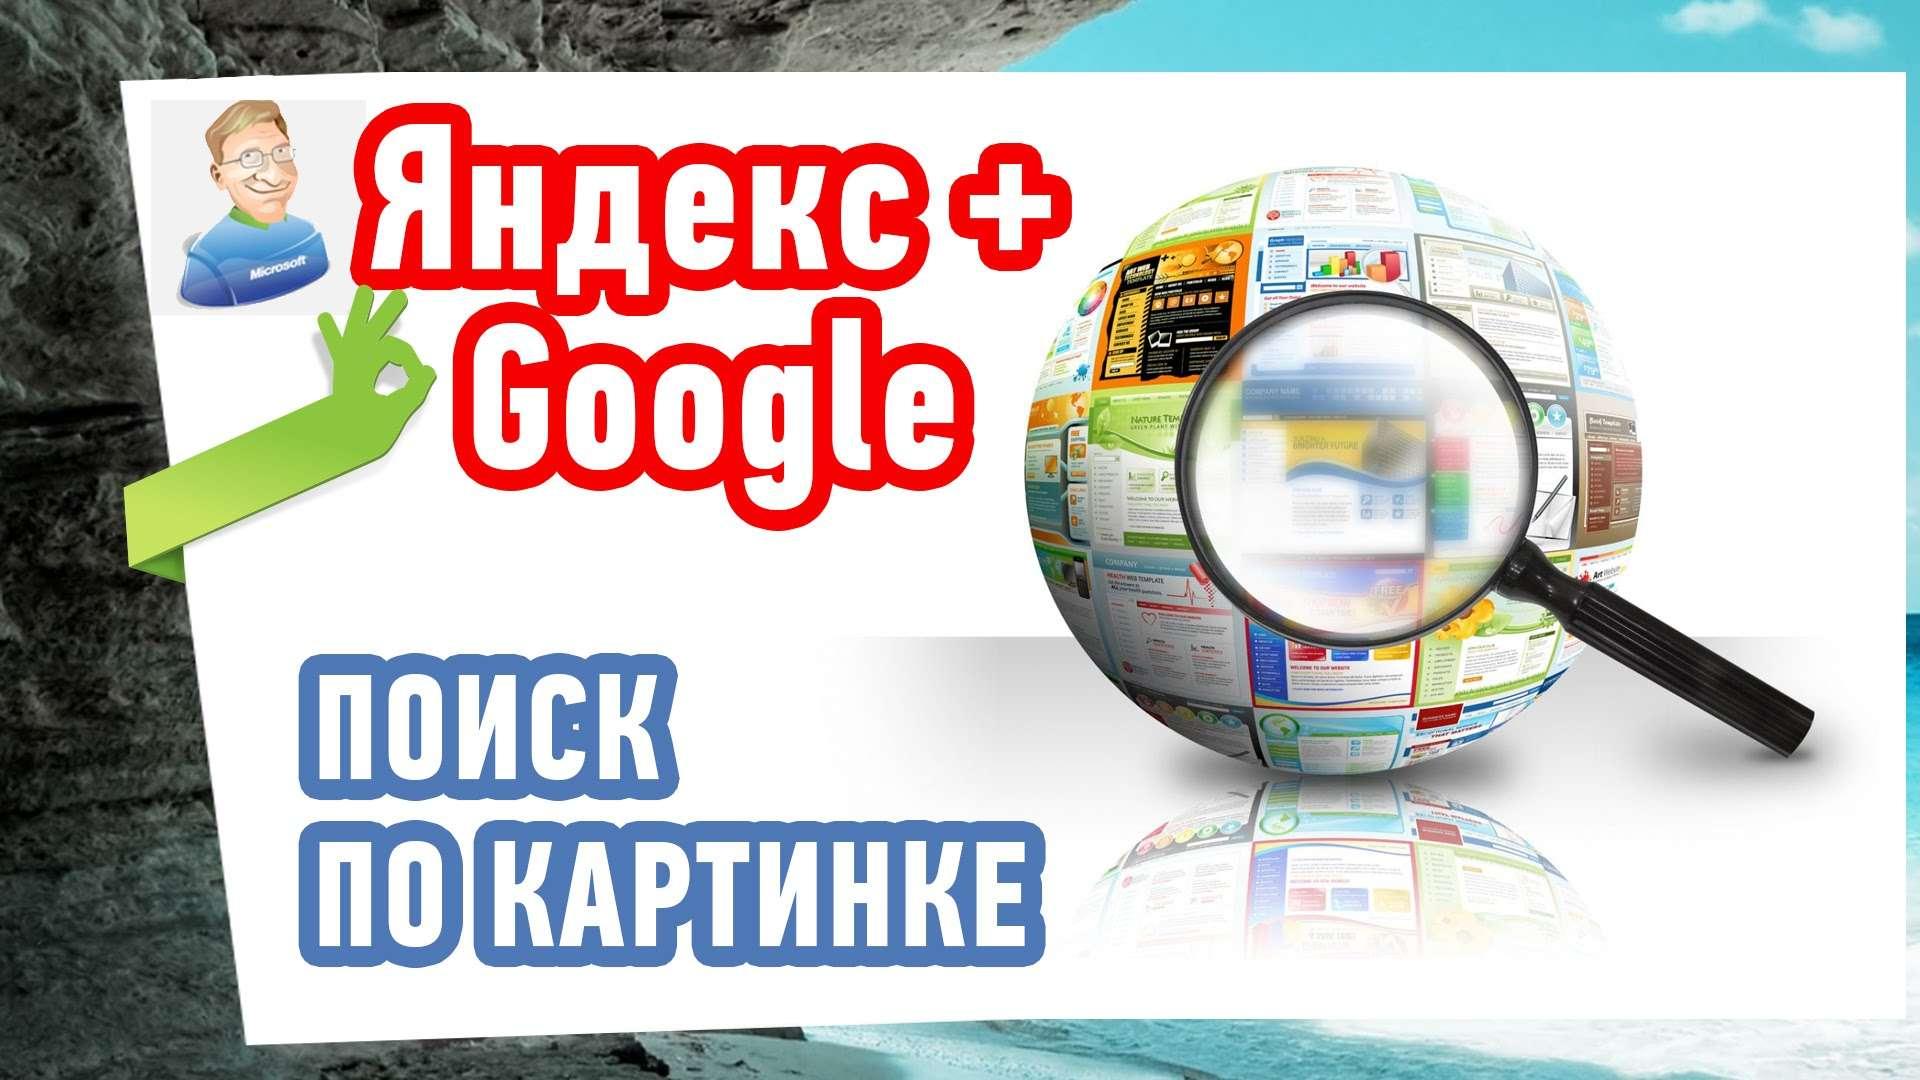 Поиск по картинке в Яндекс и Google